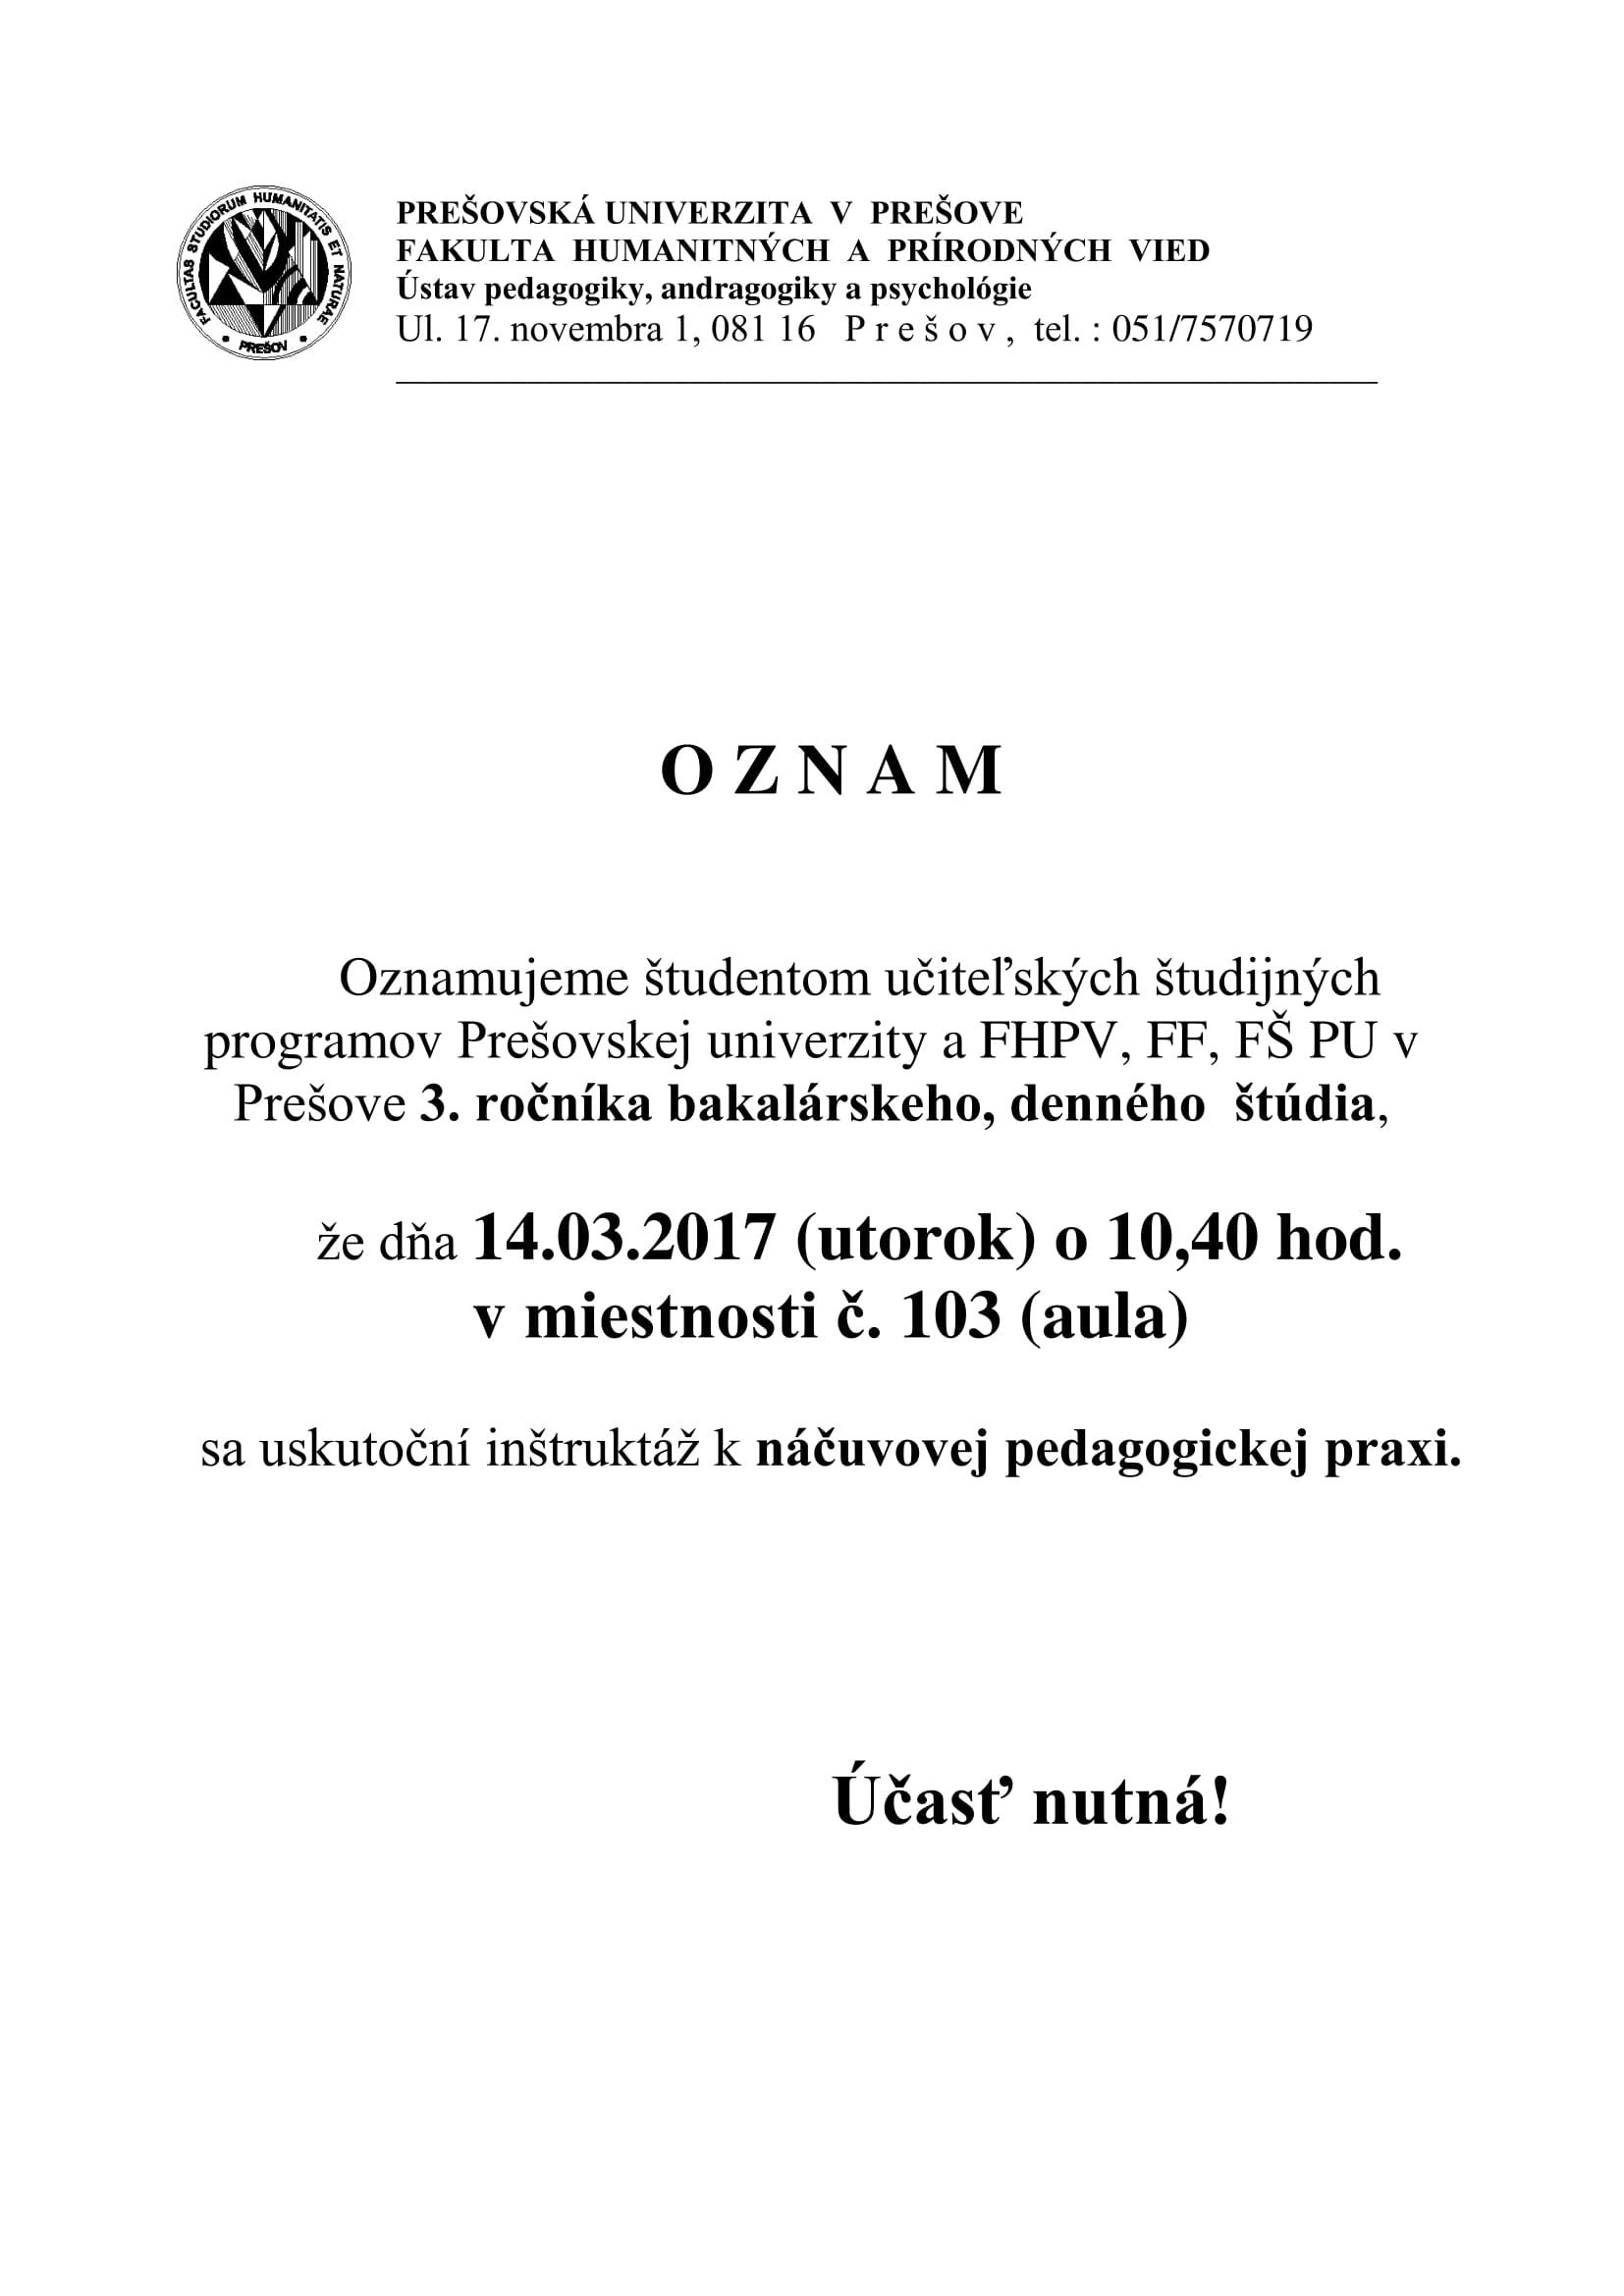 6559ed78e OZNAM - Inštruktáž k náčuvovej pedagogickej praxi ...